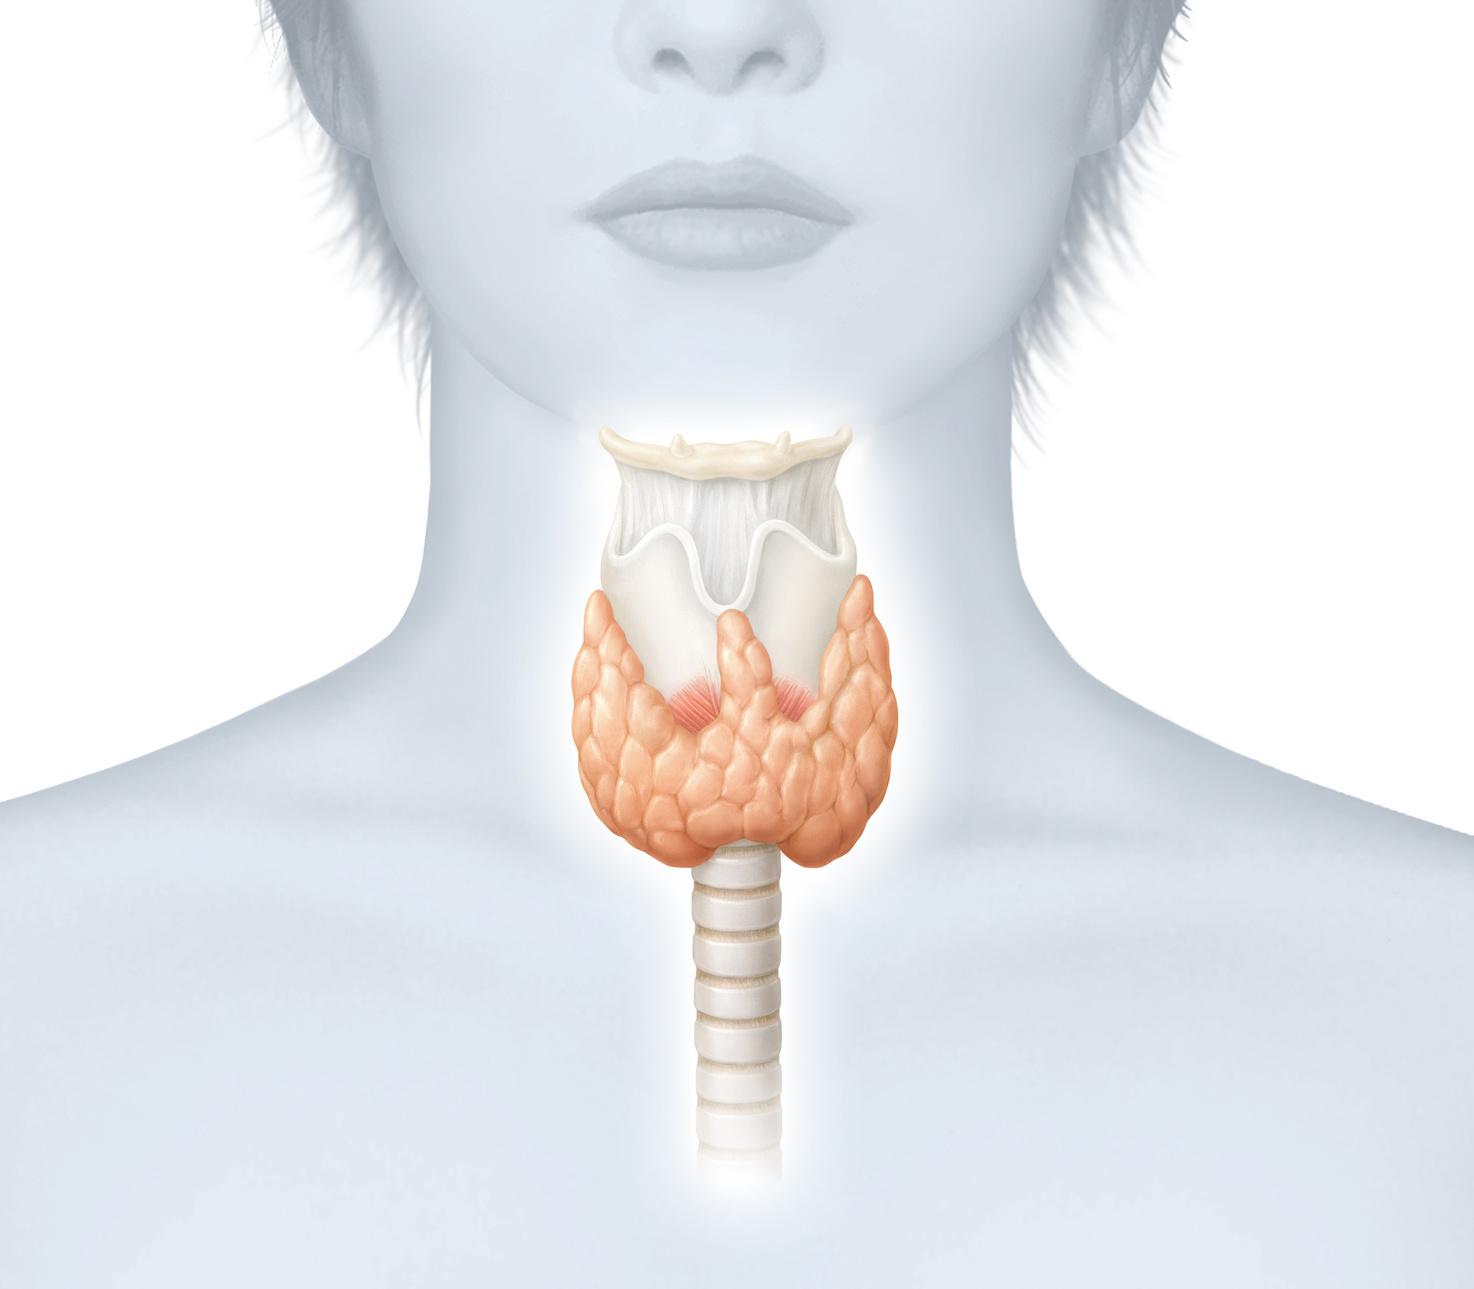 Exames de tireoide para o diagnostico correto.